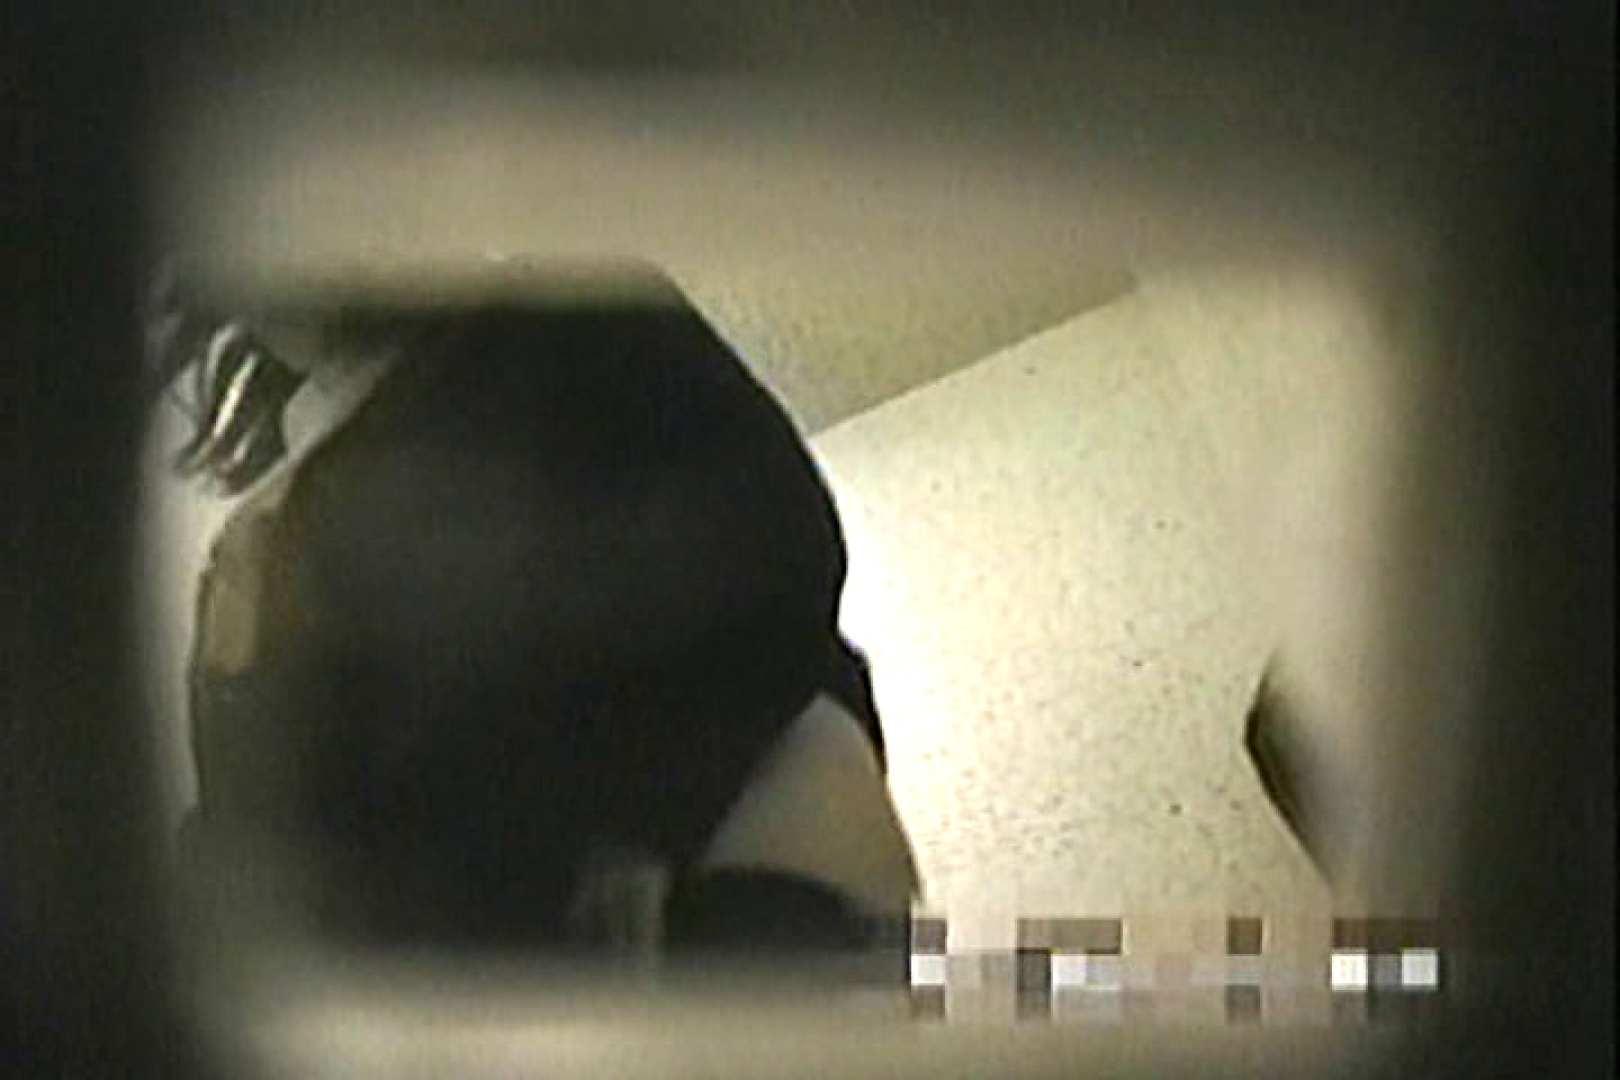 女子洗面所盗撮 今度の2カメは若い子だらけ  TK-127 小悪魔ギャル  49連発 25